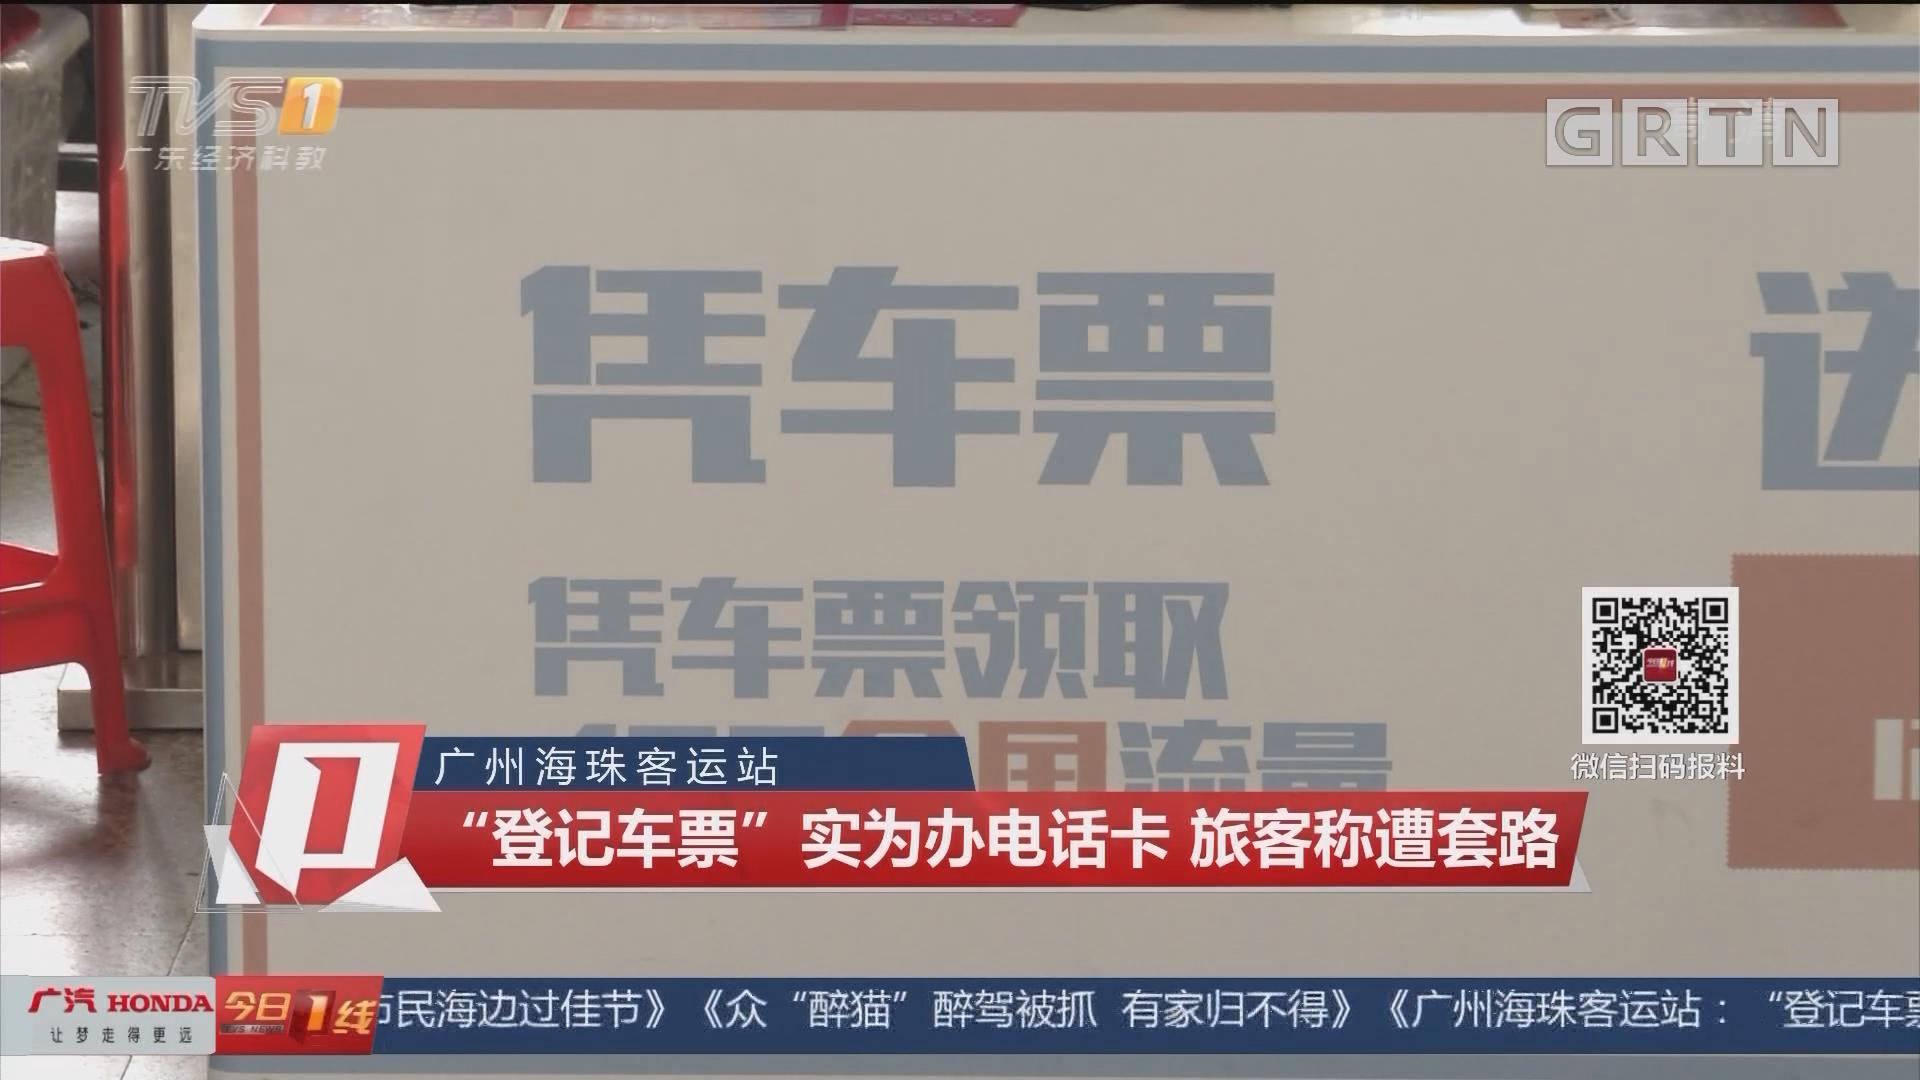 """广州海珠客运站 """"登记车票""""实为办电话卡 旅客称遭套路"""